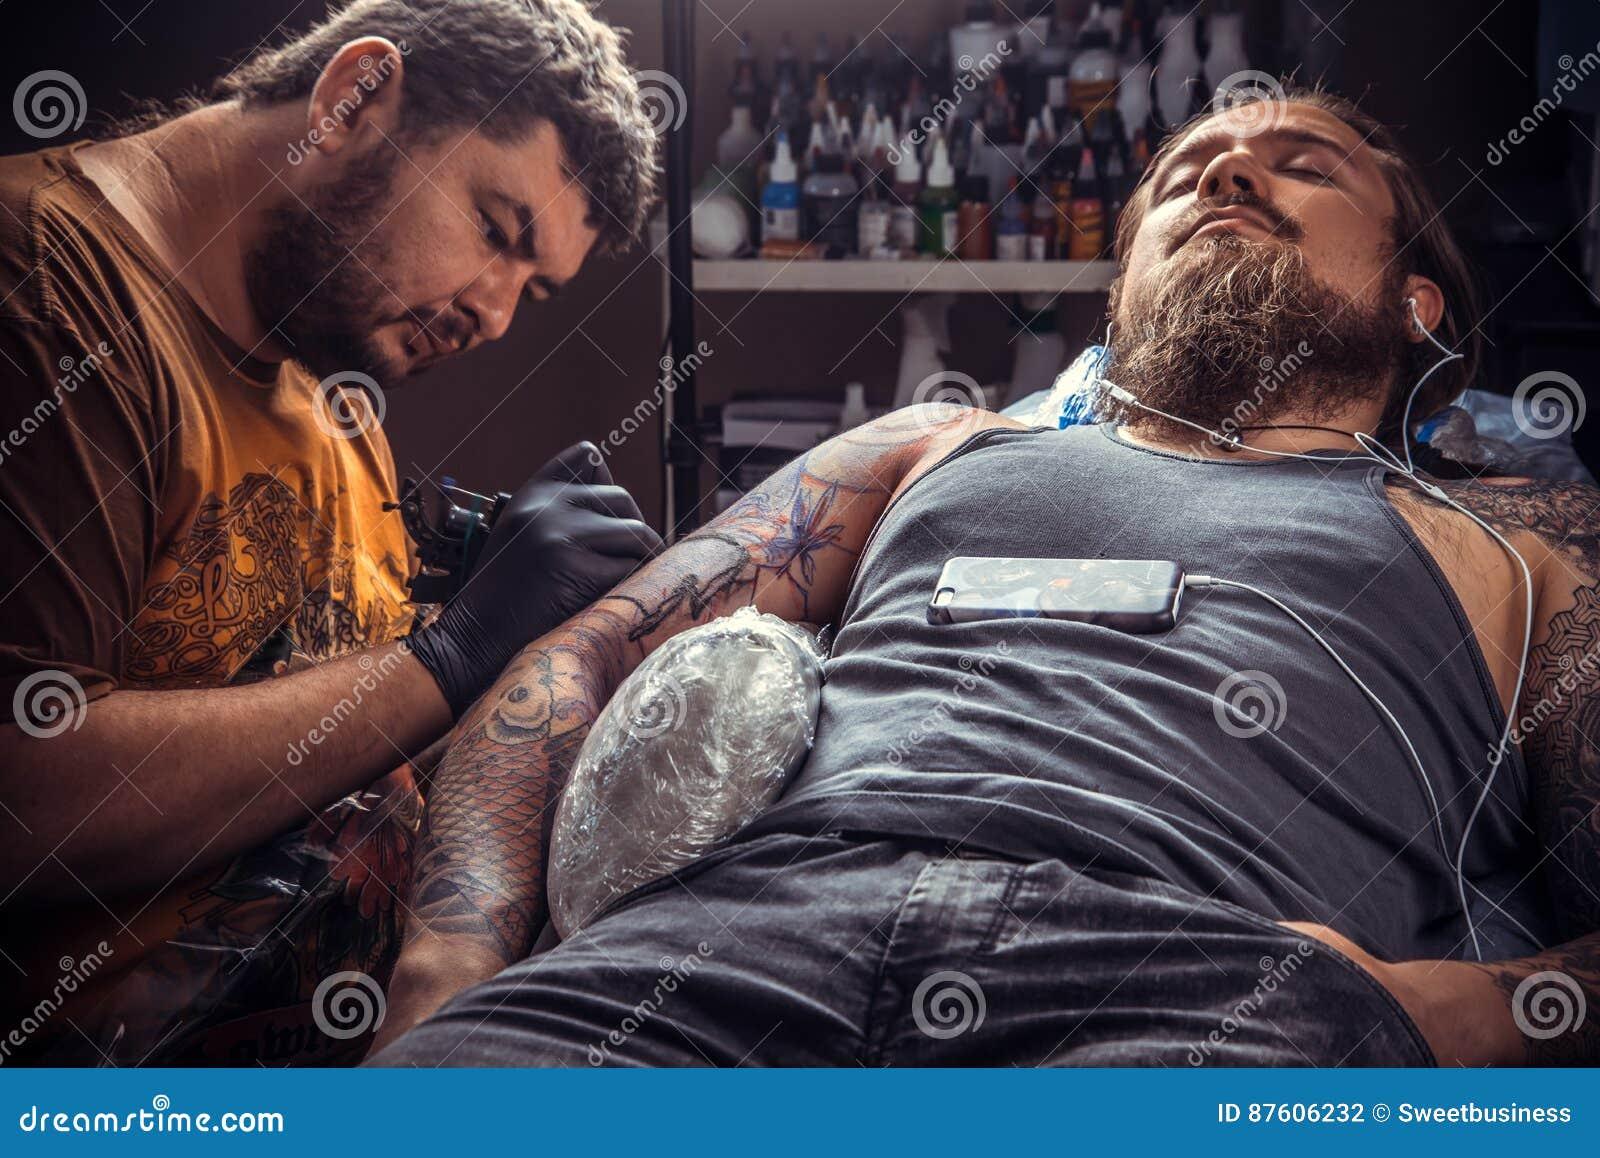 c160f11b2 Tattooer working tattooing in tattoo studio./Professional tattoo artist  doing tattoo in tattoo parlour. More similar stock images